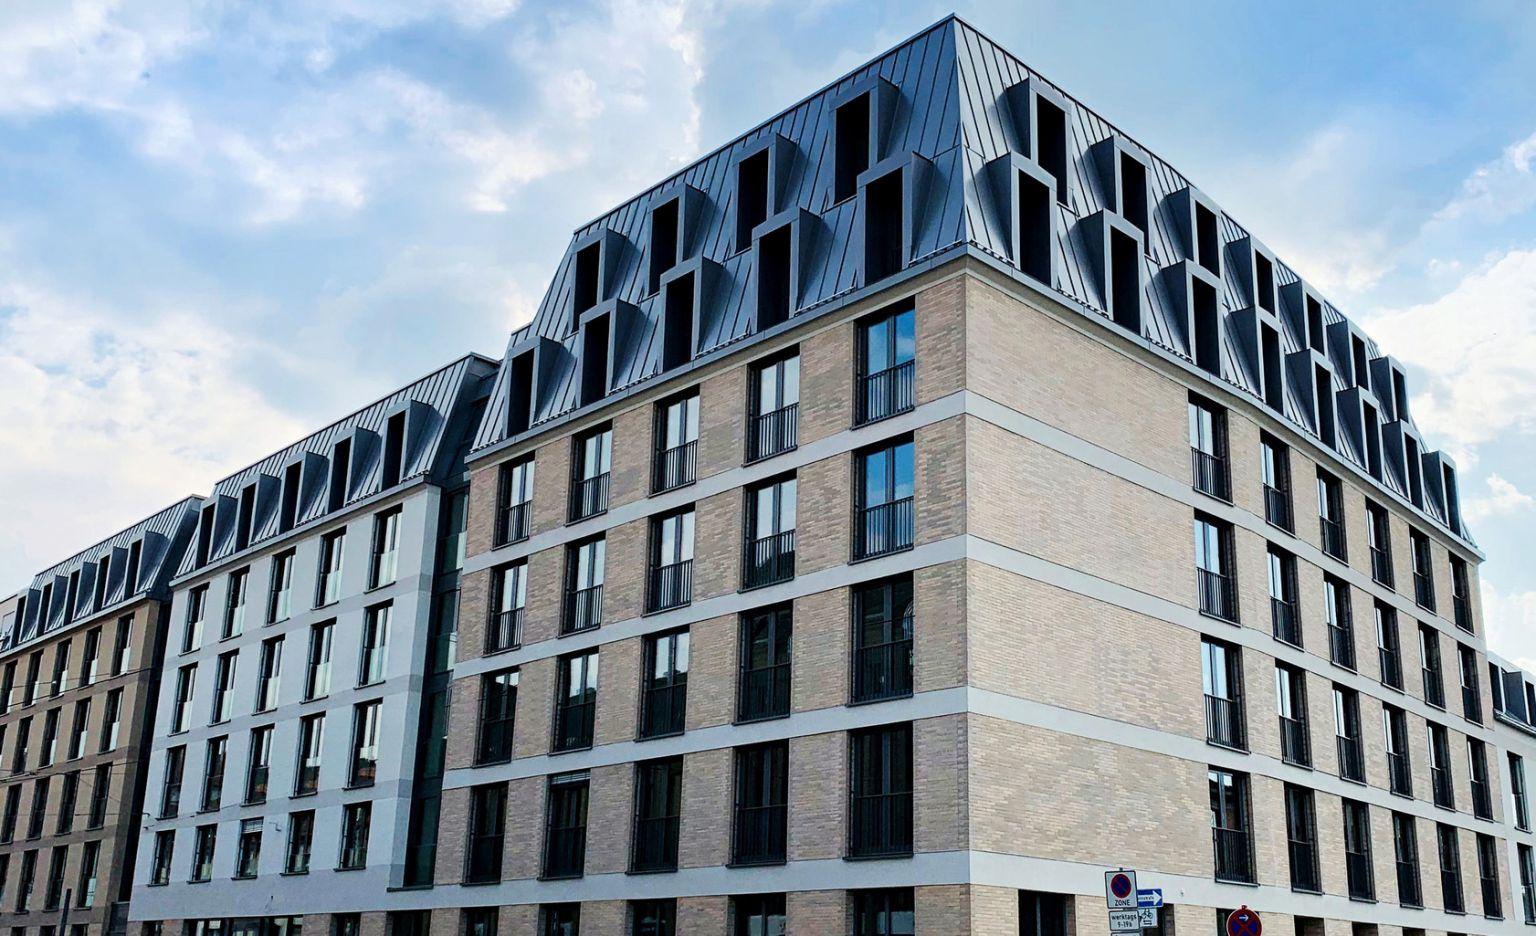 International Campus expandiert in Freiburg